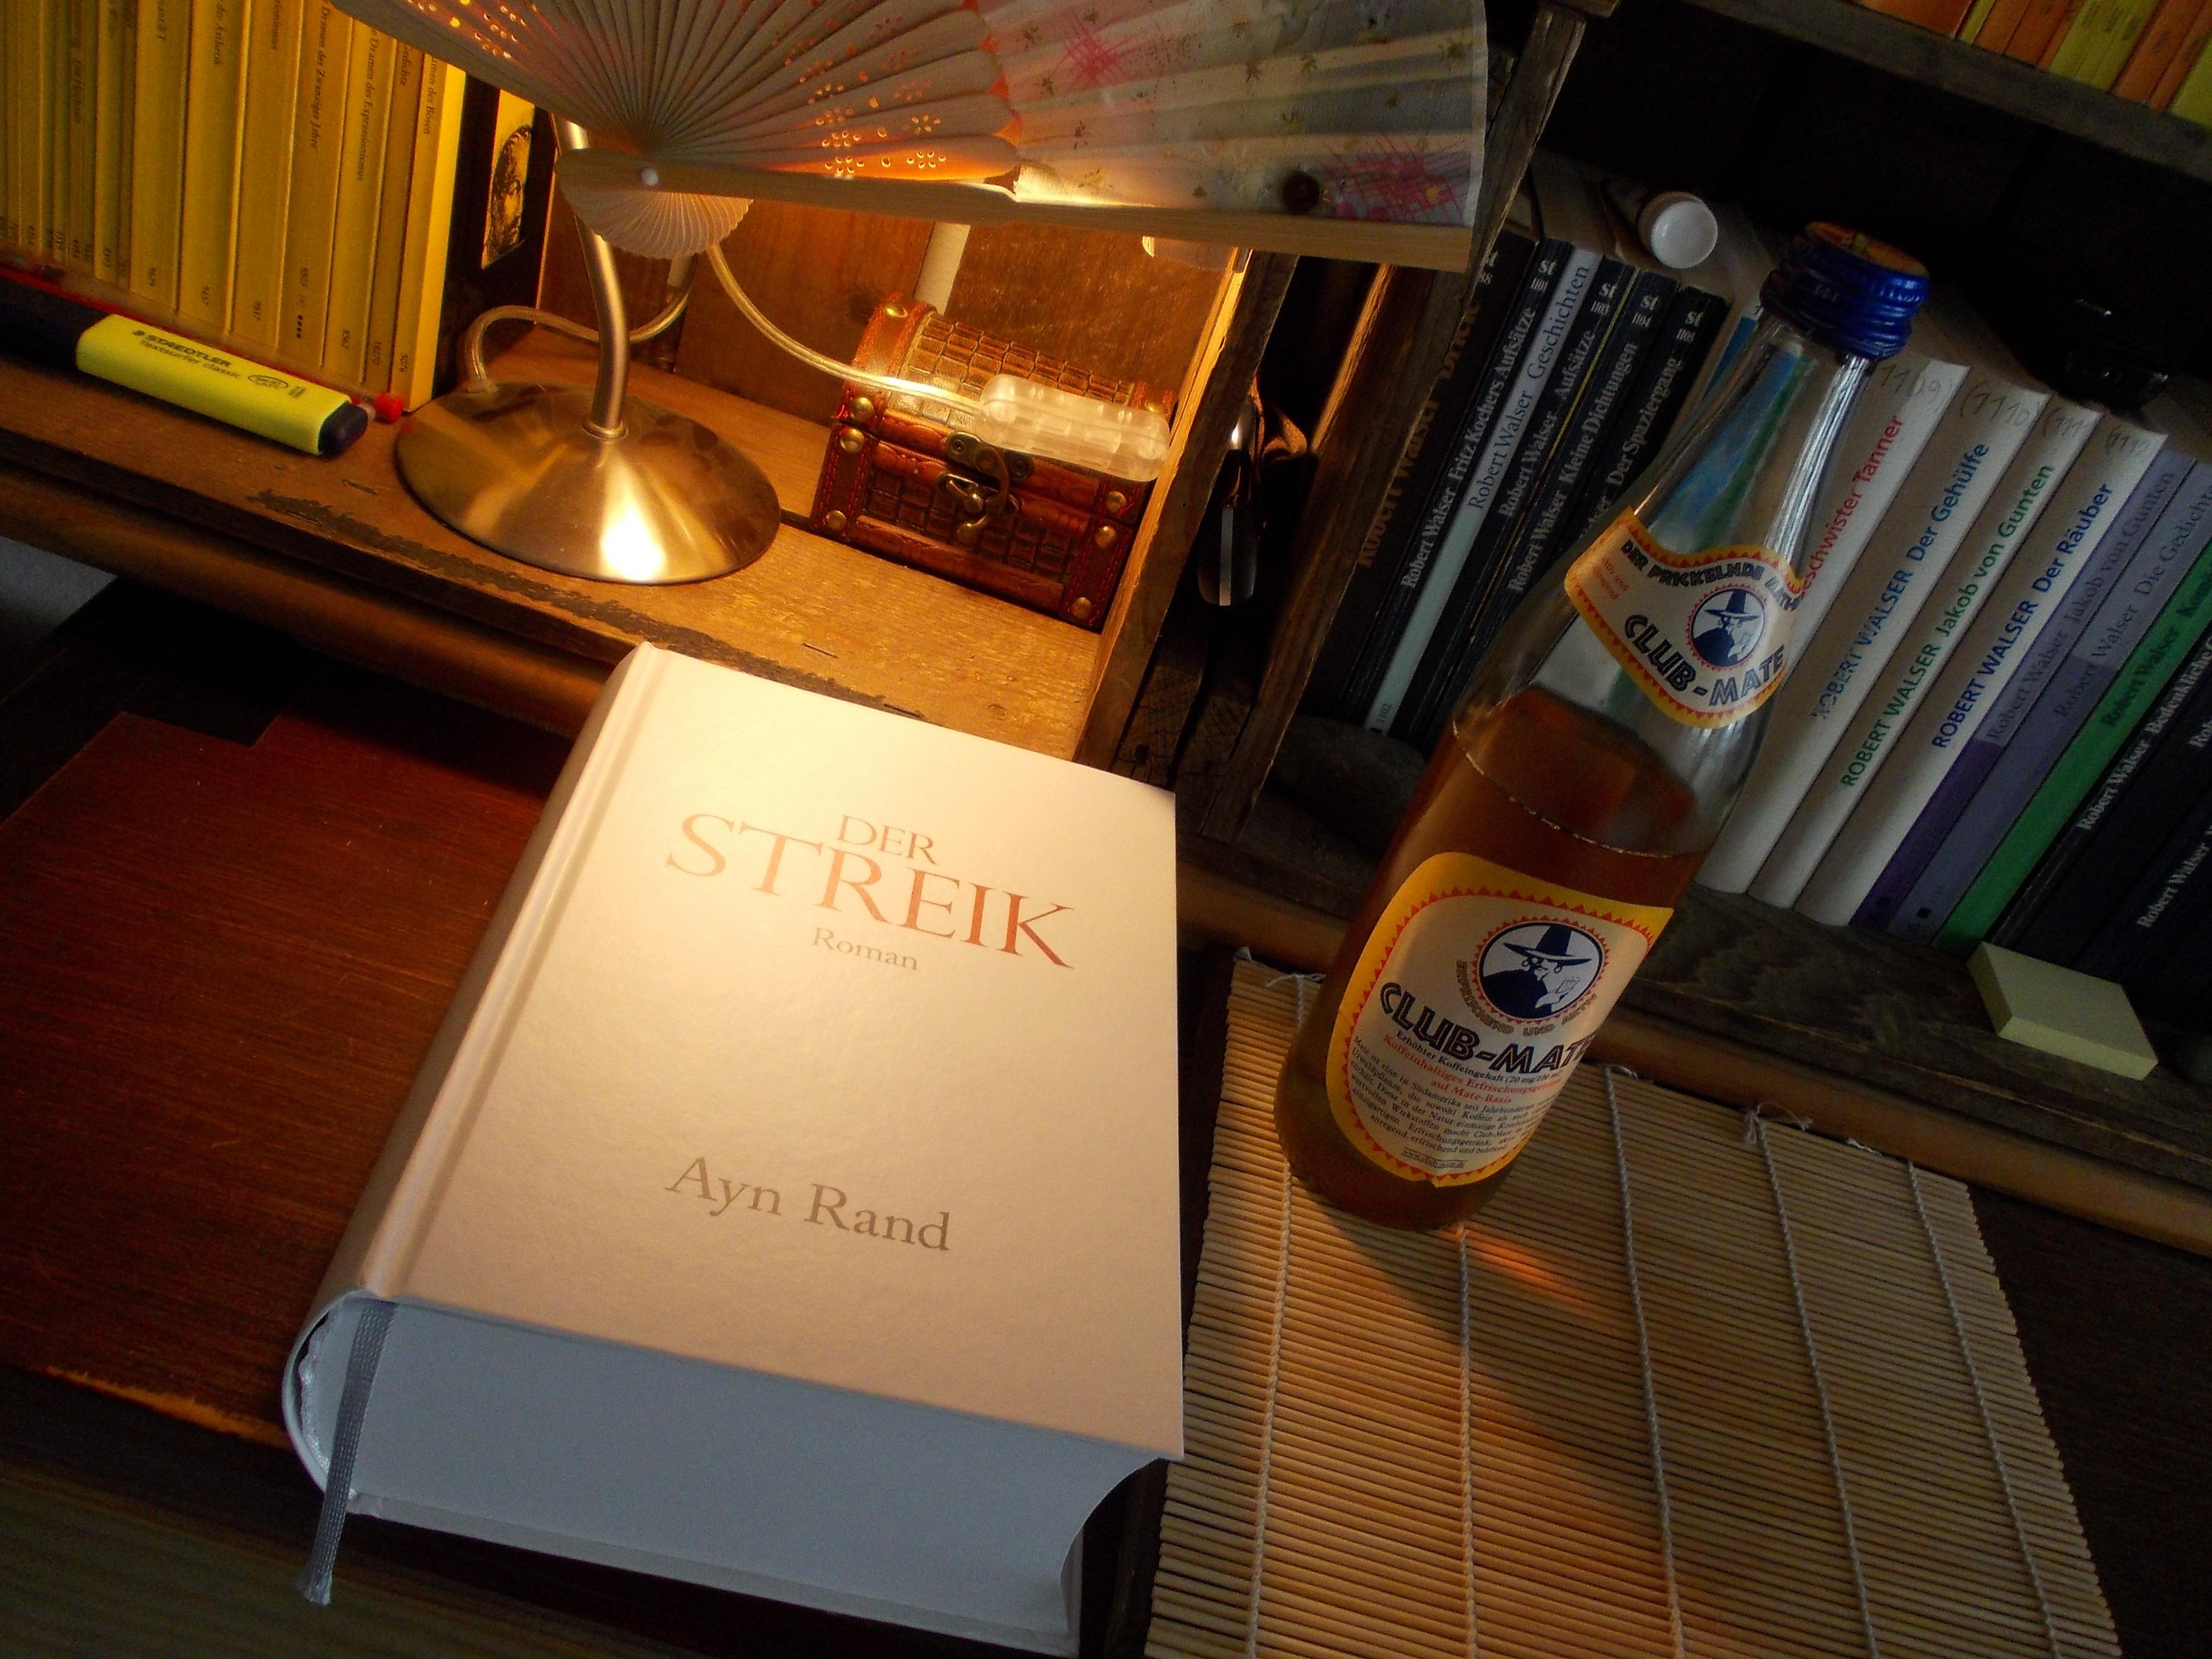 Klotz lesen, Norbert W. Schlinkert